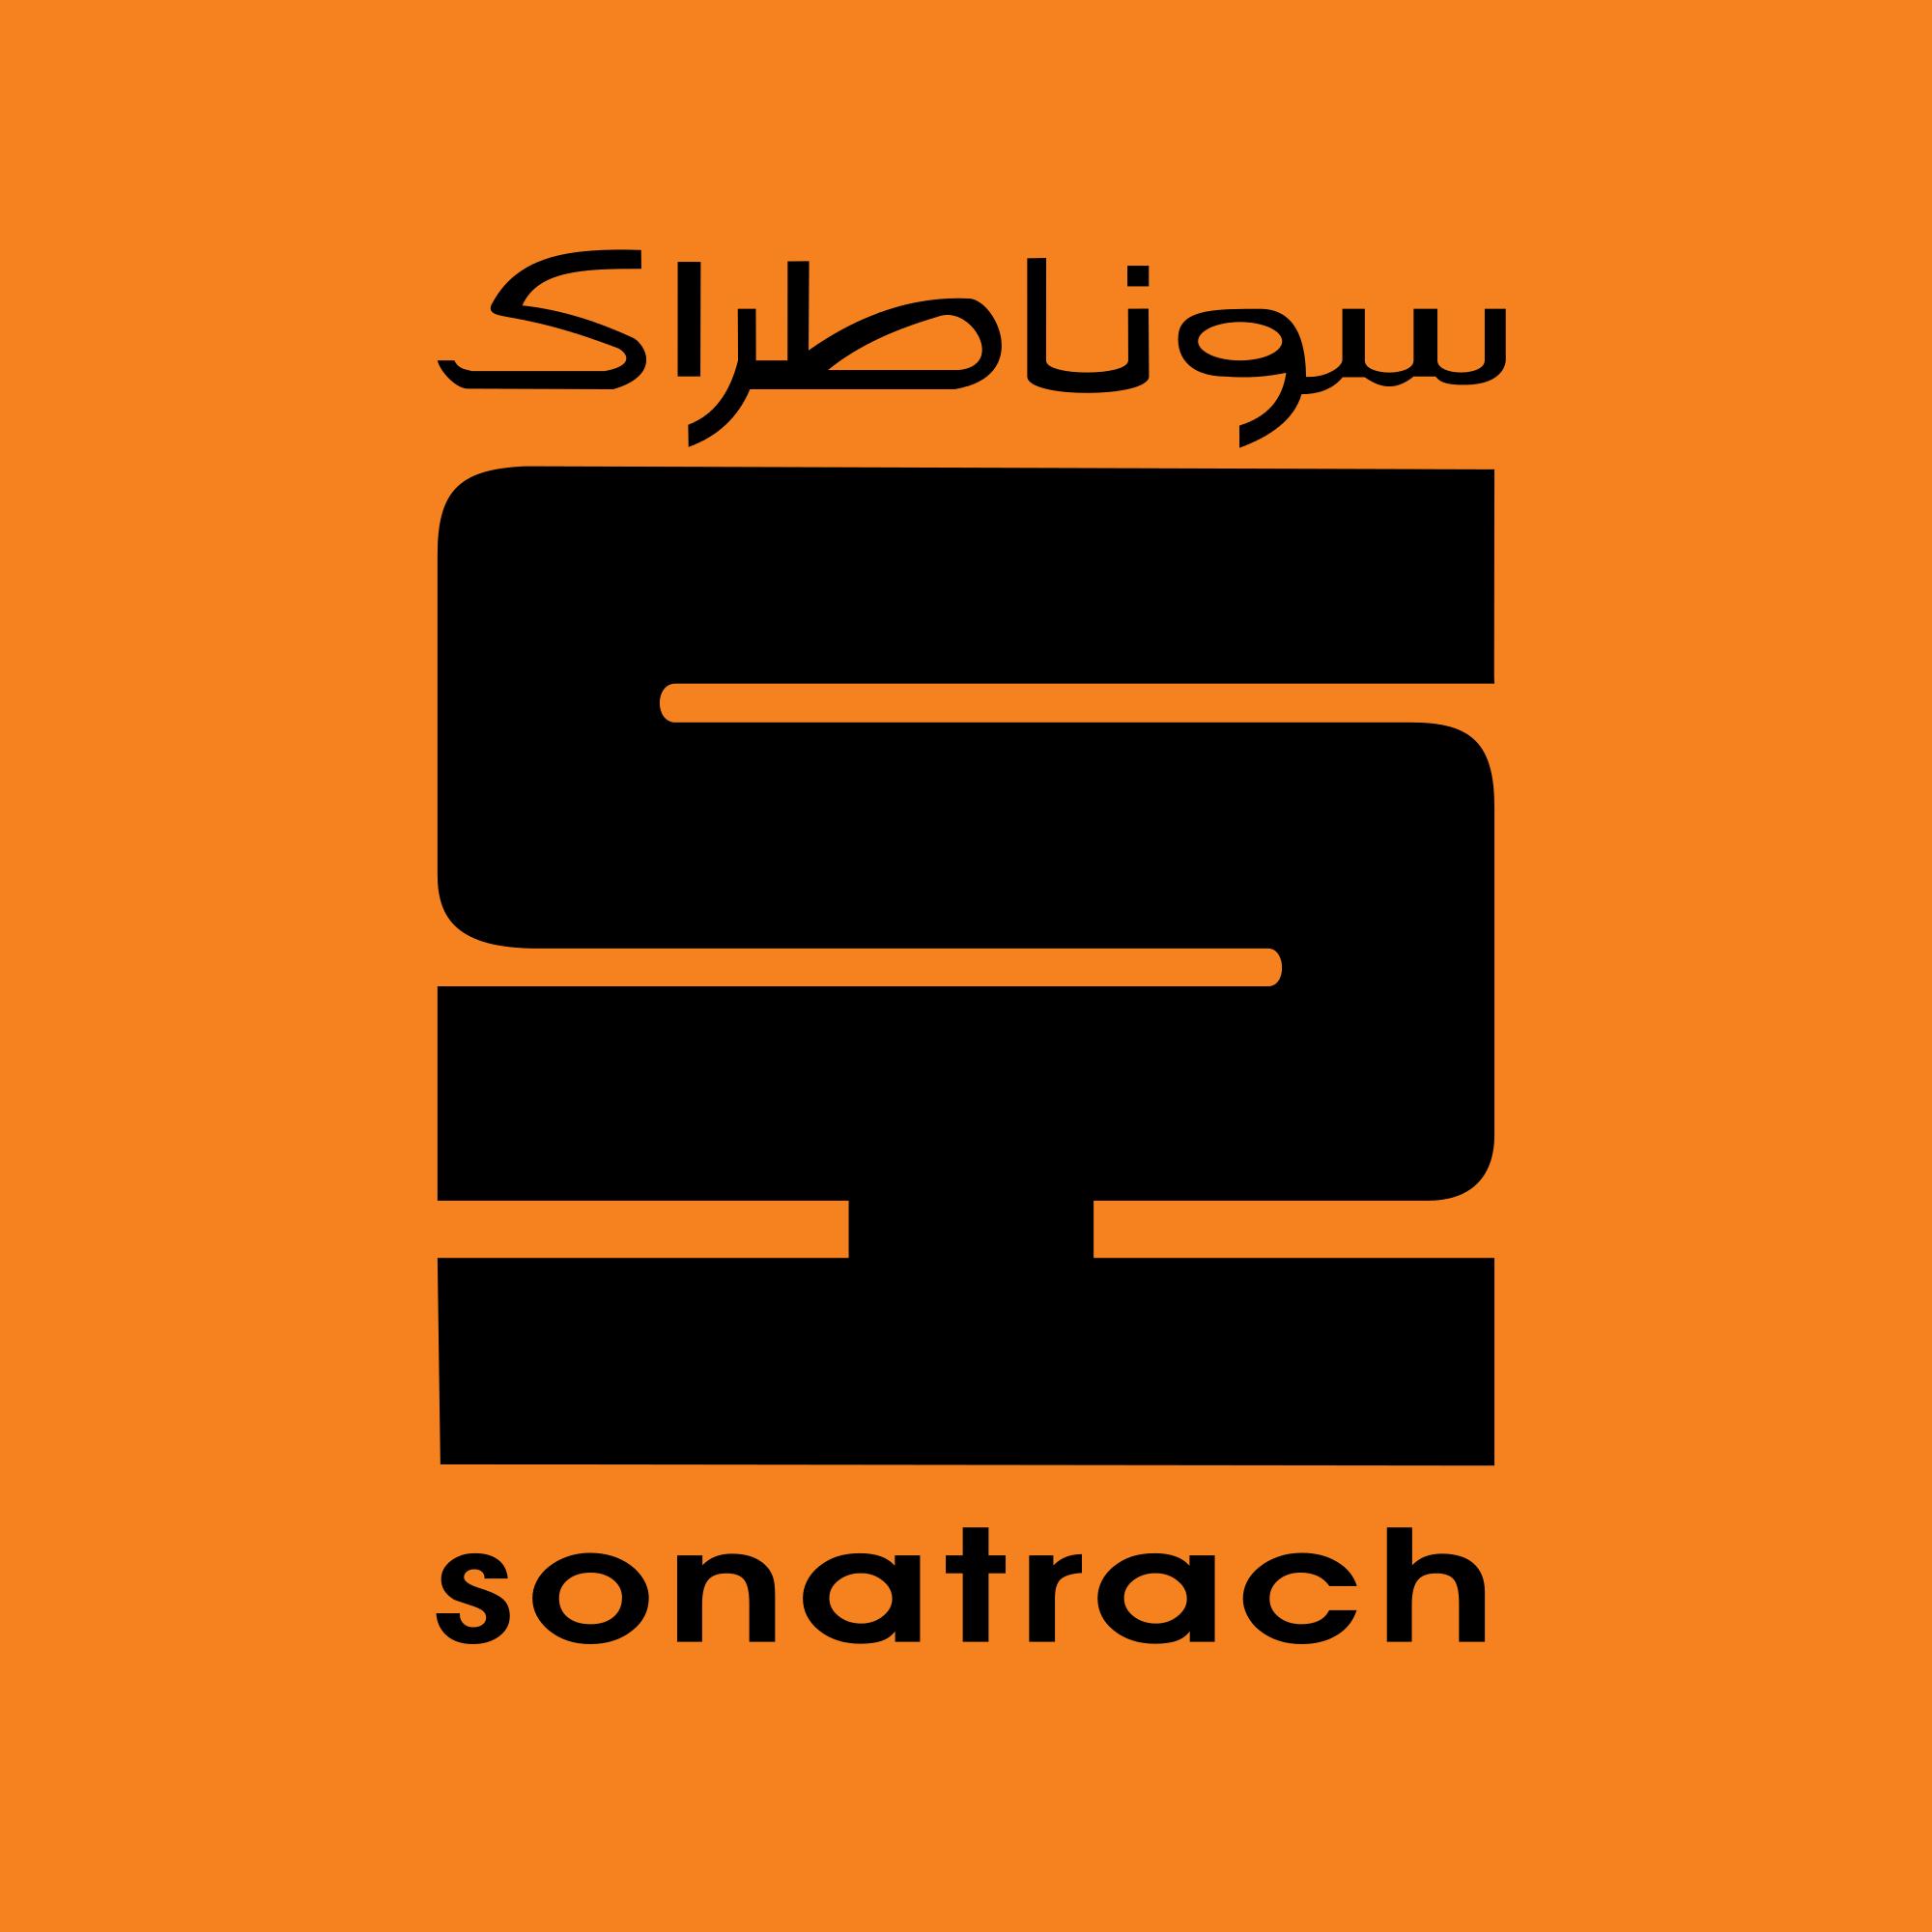 sonatrachsvg.png